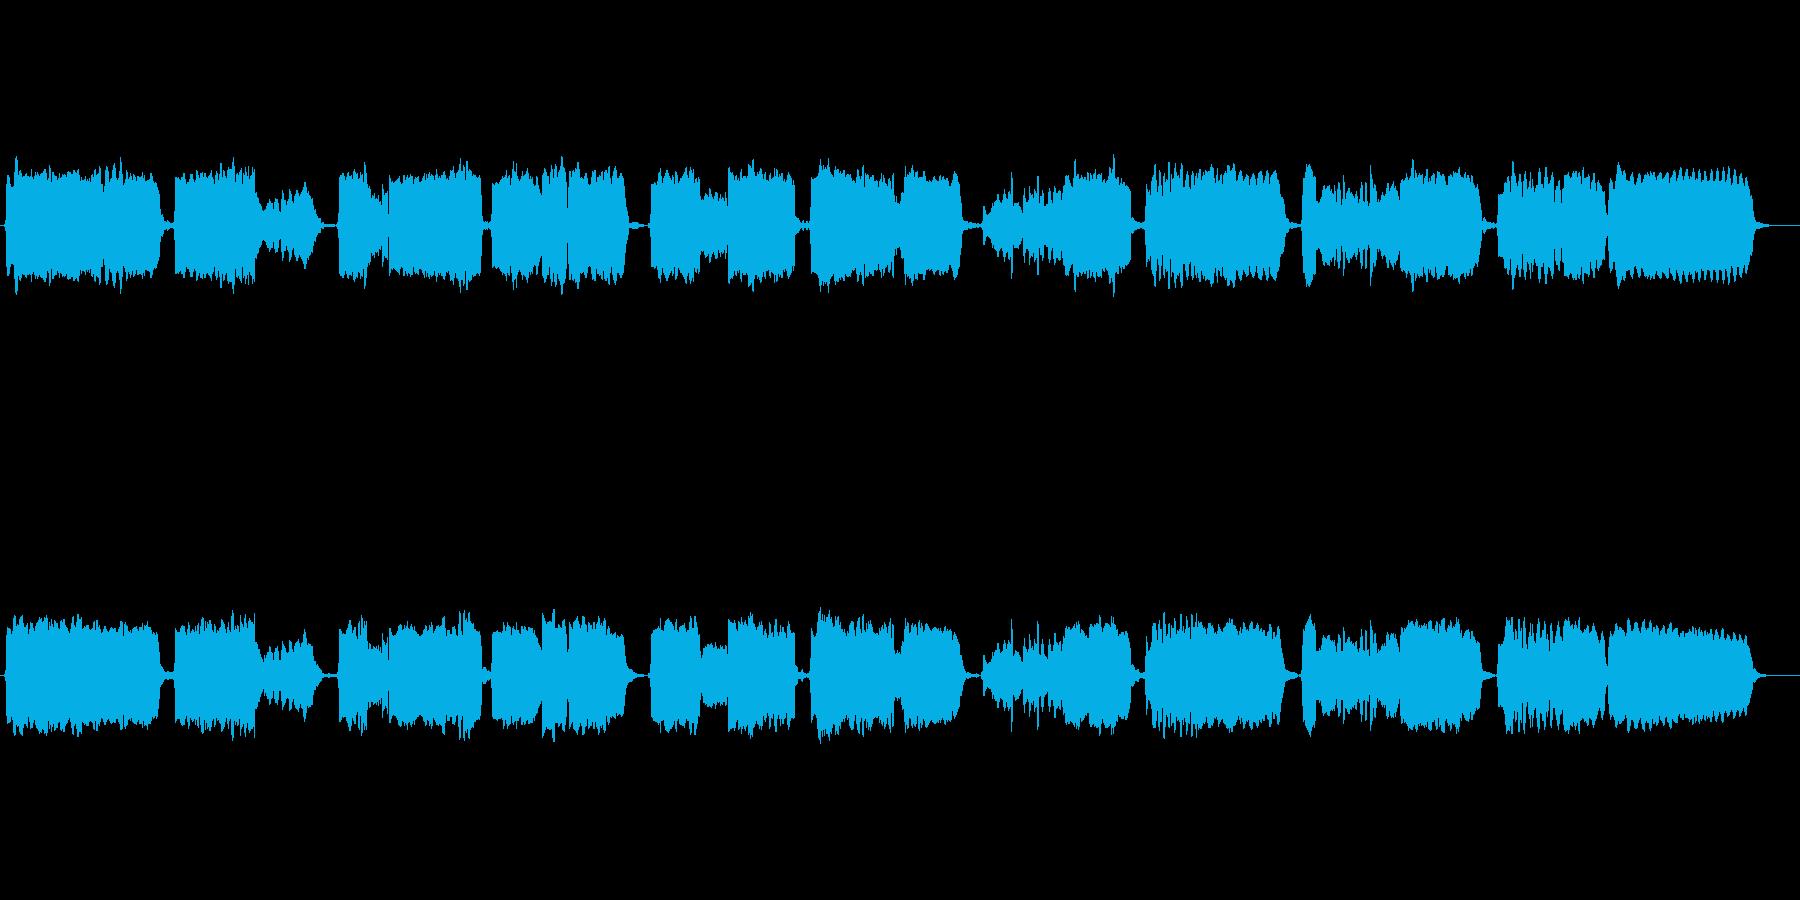 唱歌「ふるさと」の篠笛独奏の再生済みの波形